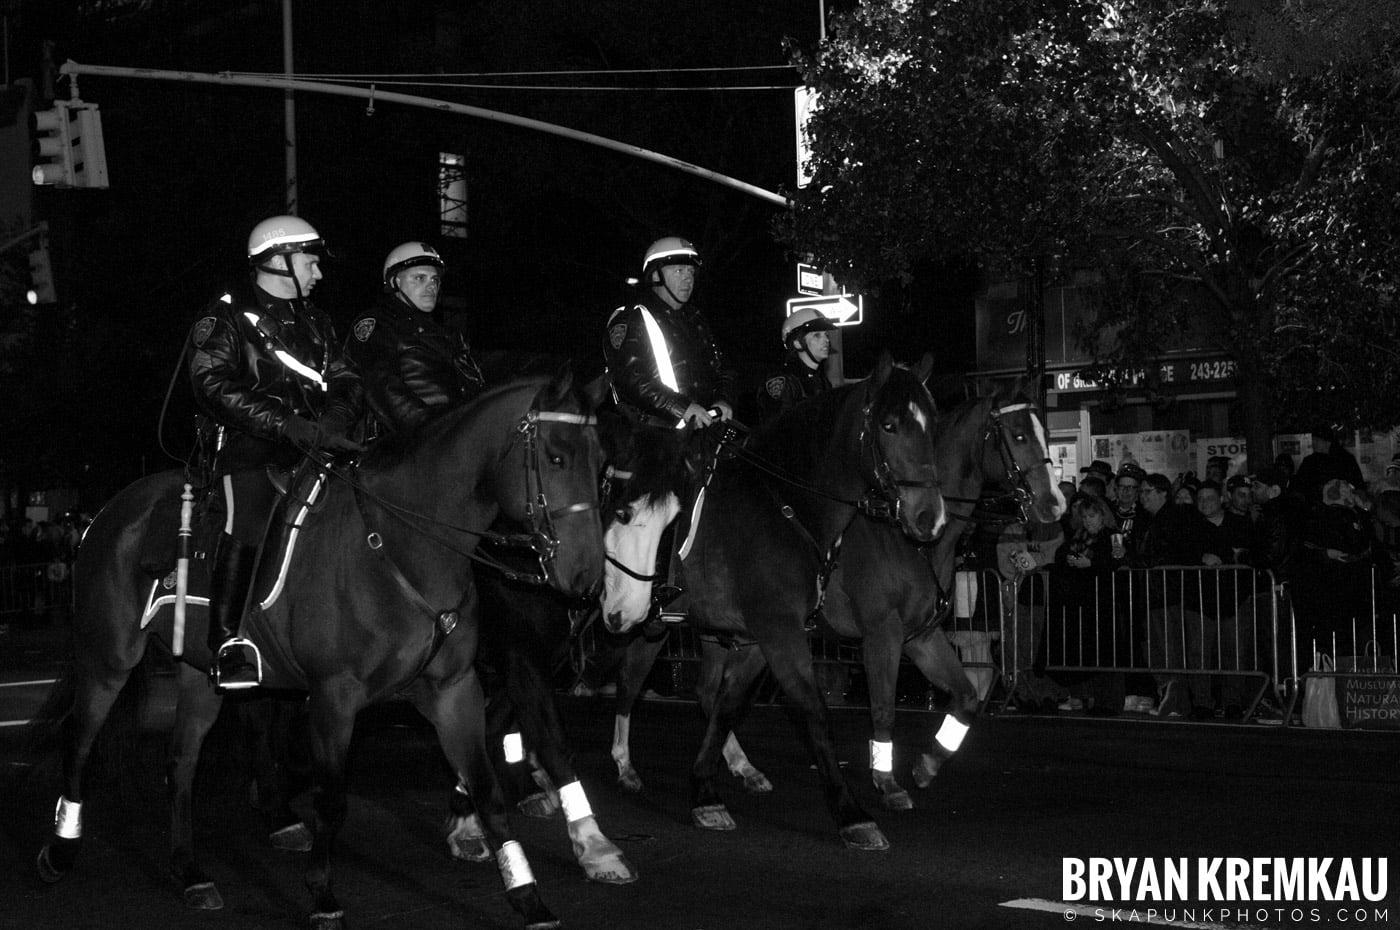 NYC Halloween Parade 2011 @ New York, NY - 10.31.11 (100)